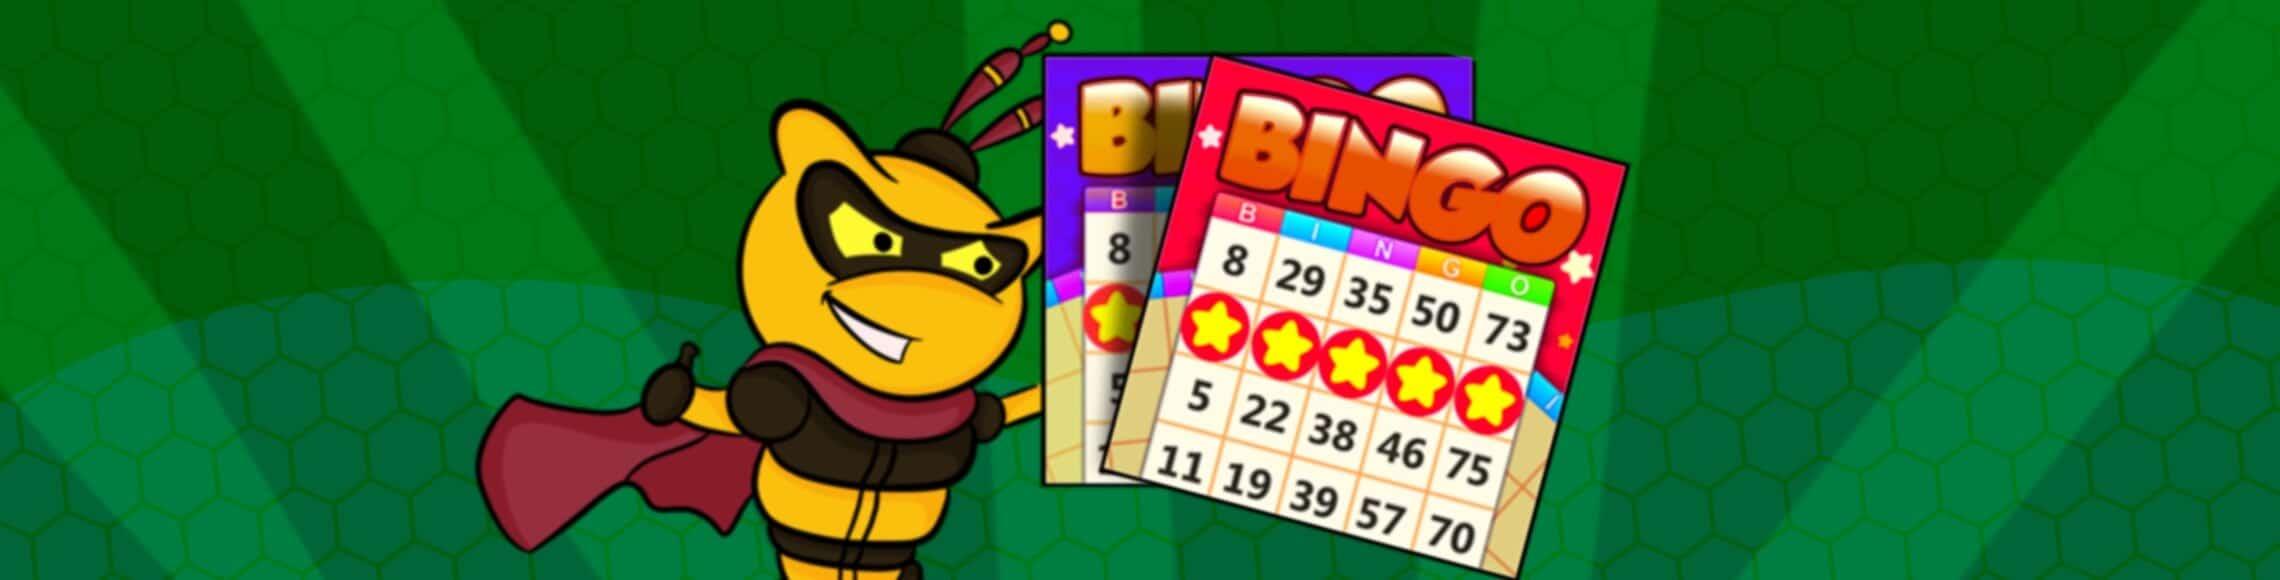 the best bingo sites